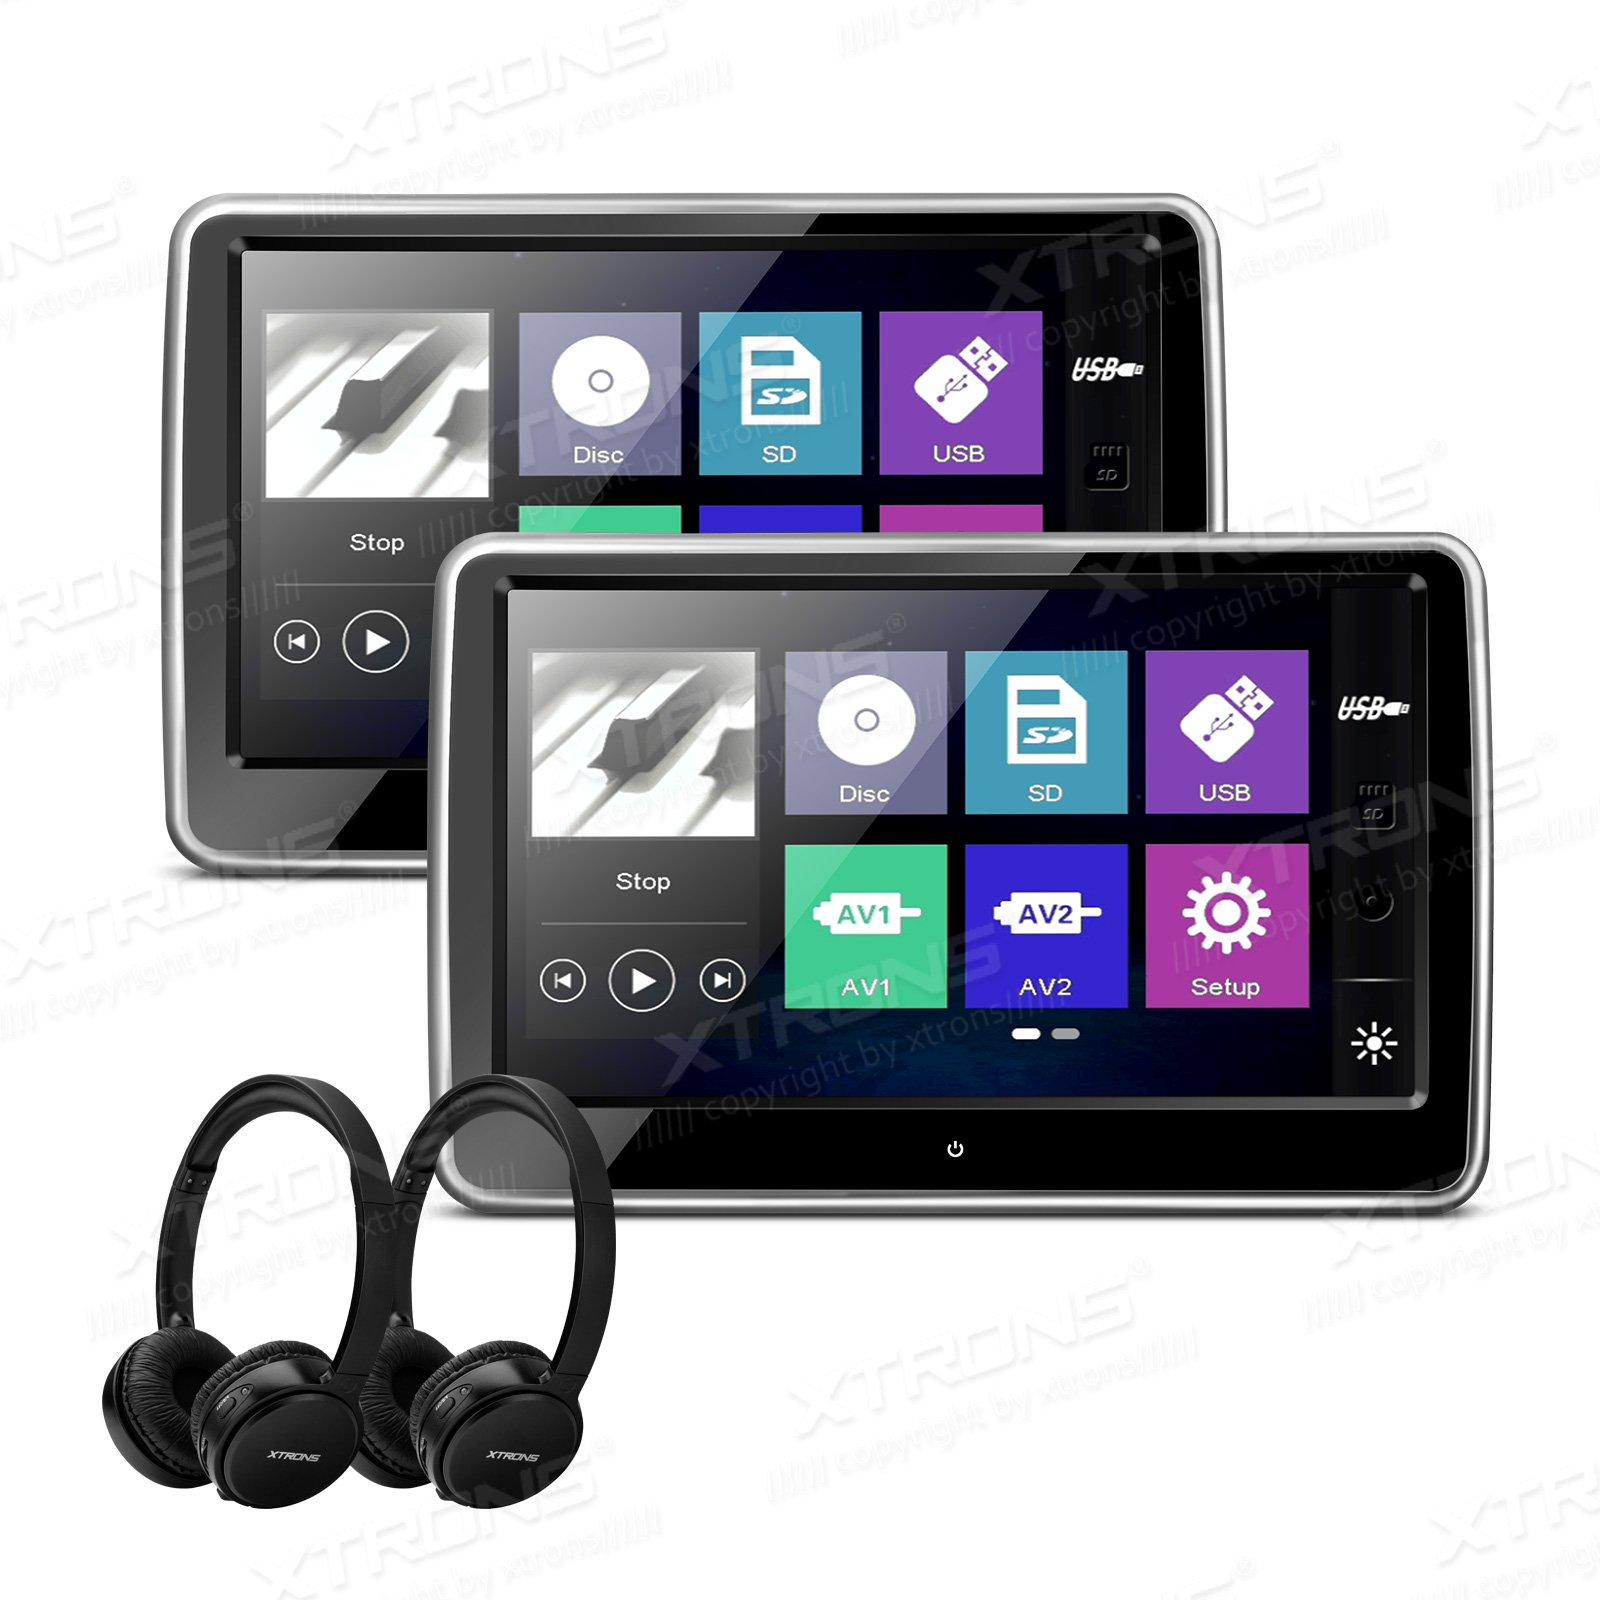 XTRONS 2 x 10.1 Inch Pair HD Digital TFT Capacitive Touch Screen Car Headrest DVD Player 1080P Video New IR Headphones